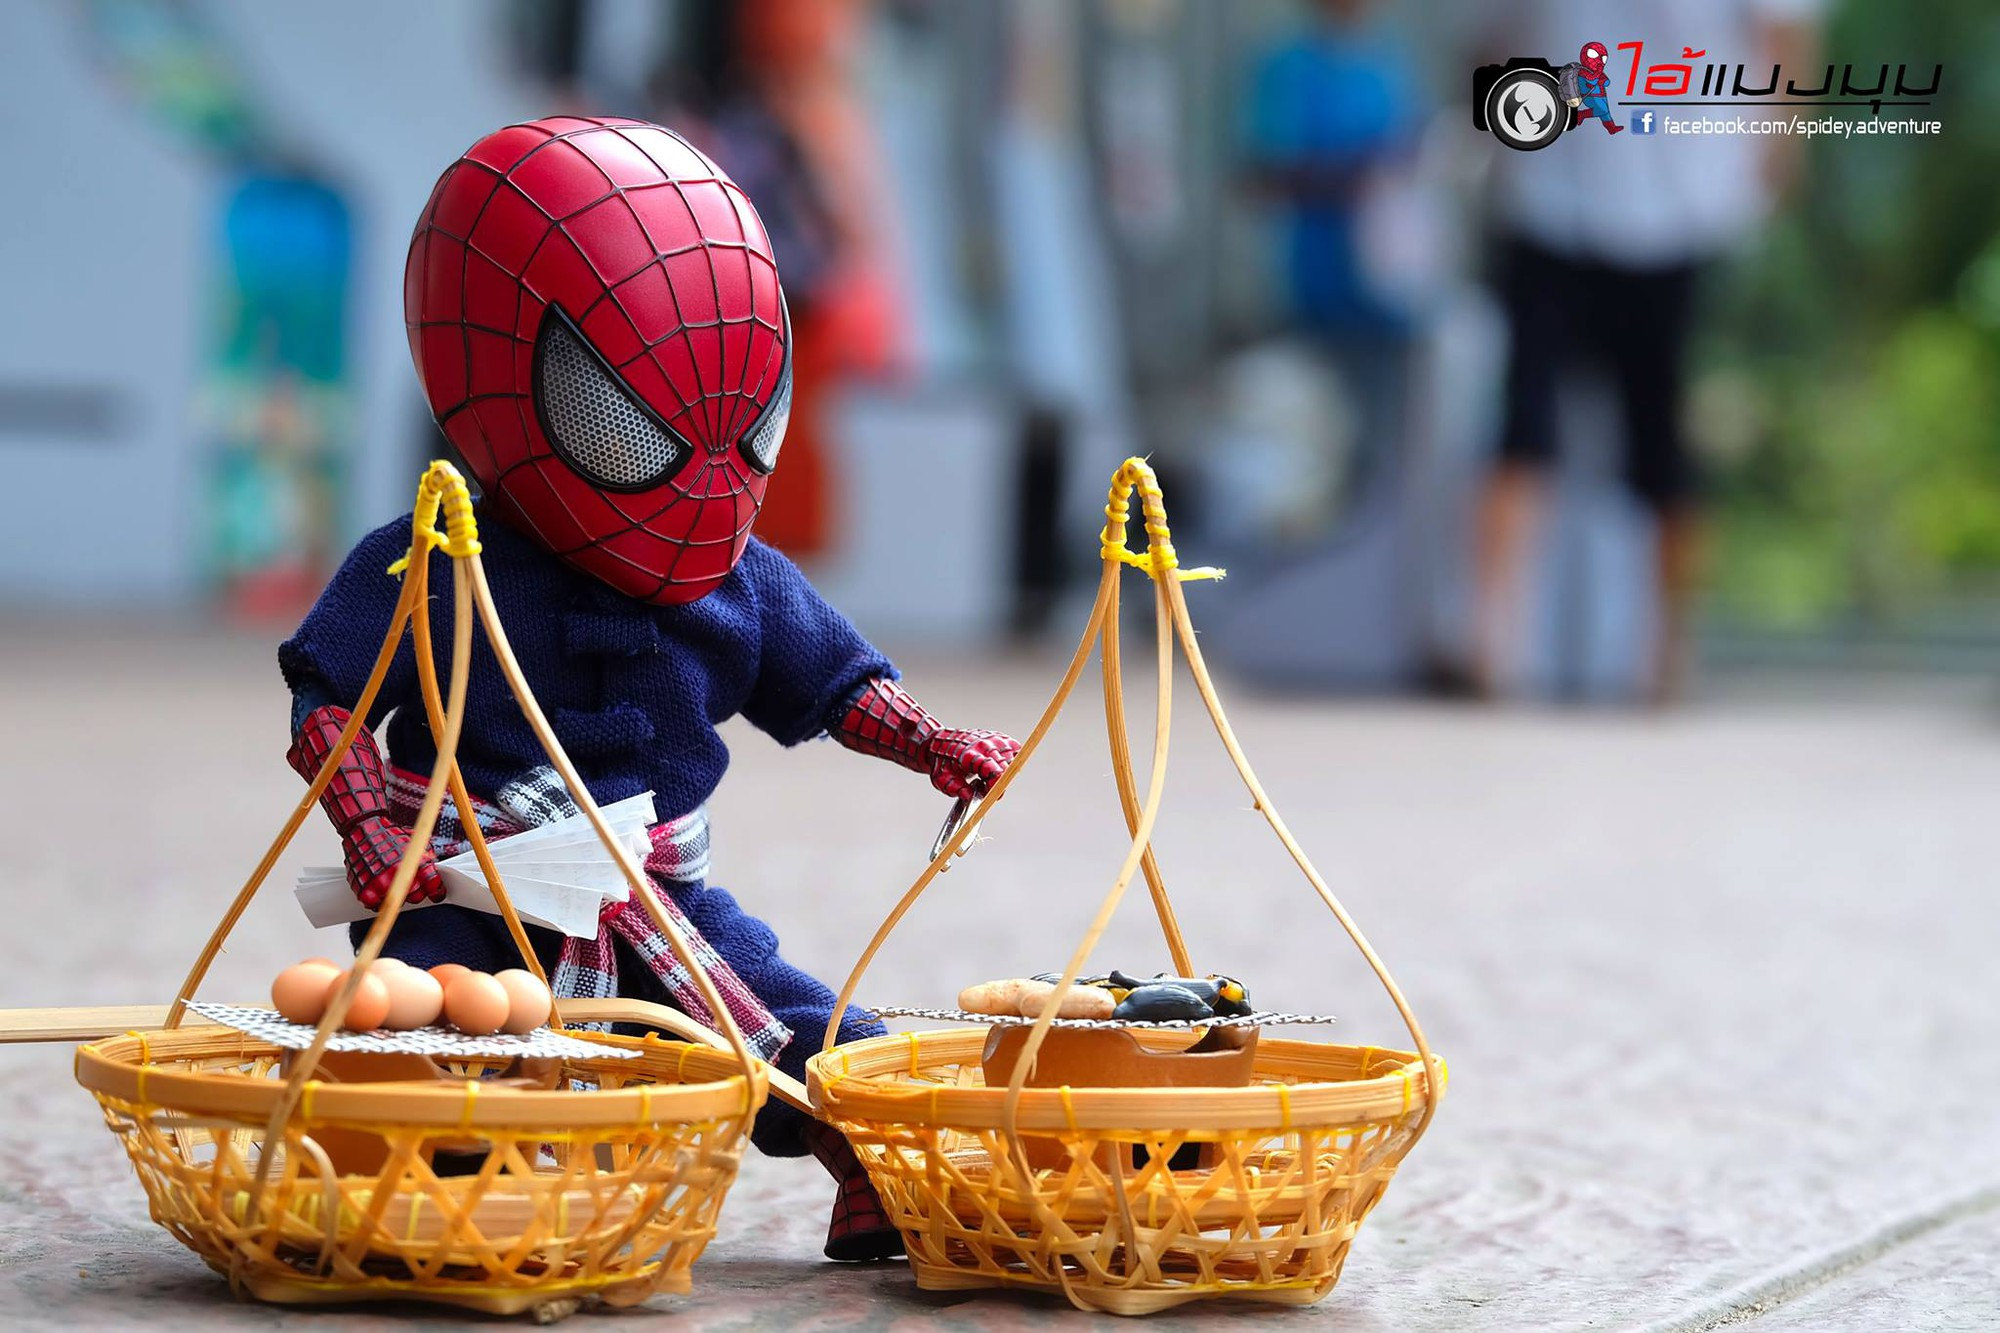 Góc mưu sinh: Khi Spider-Man cũng phải bươn chải đủ nghề từ cửu vạn tới bán hàng rong để kiếm sống - Ảnh 6.